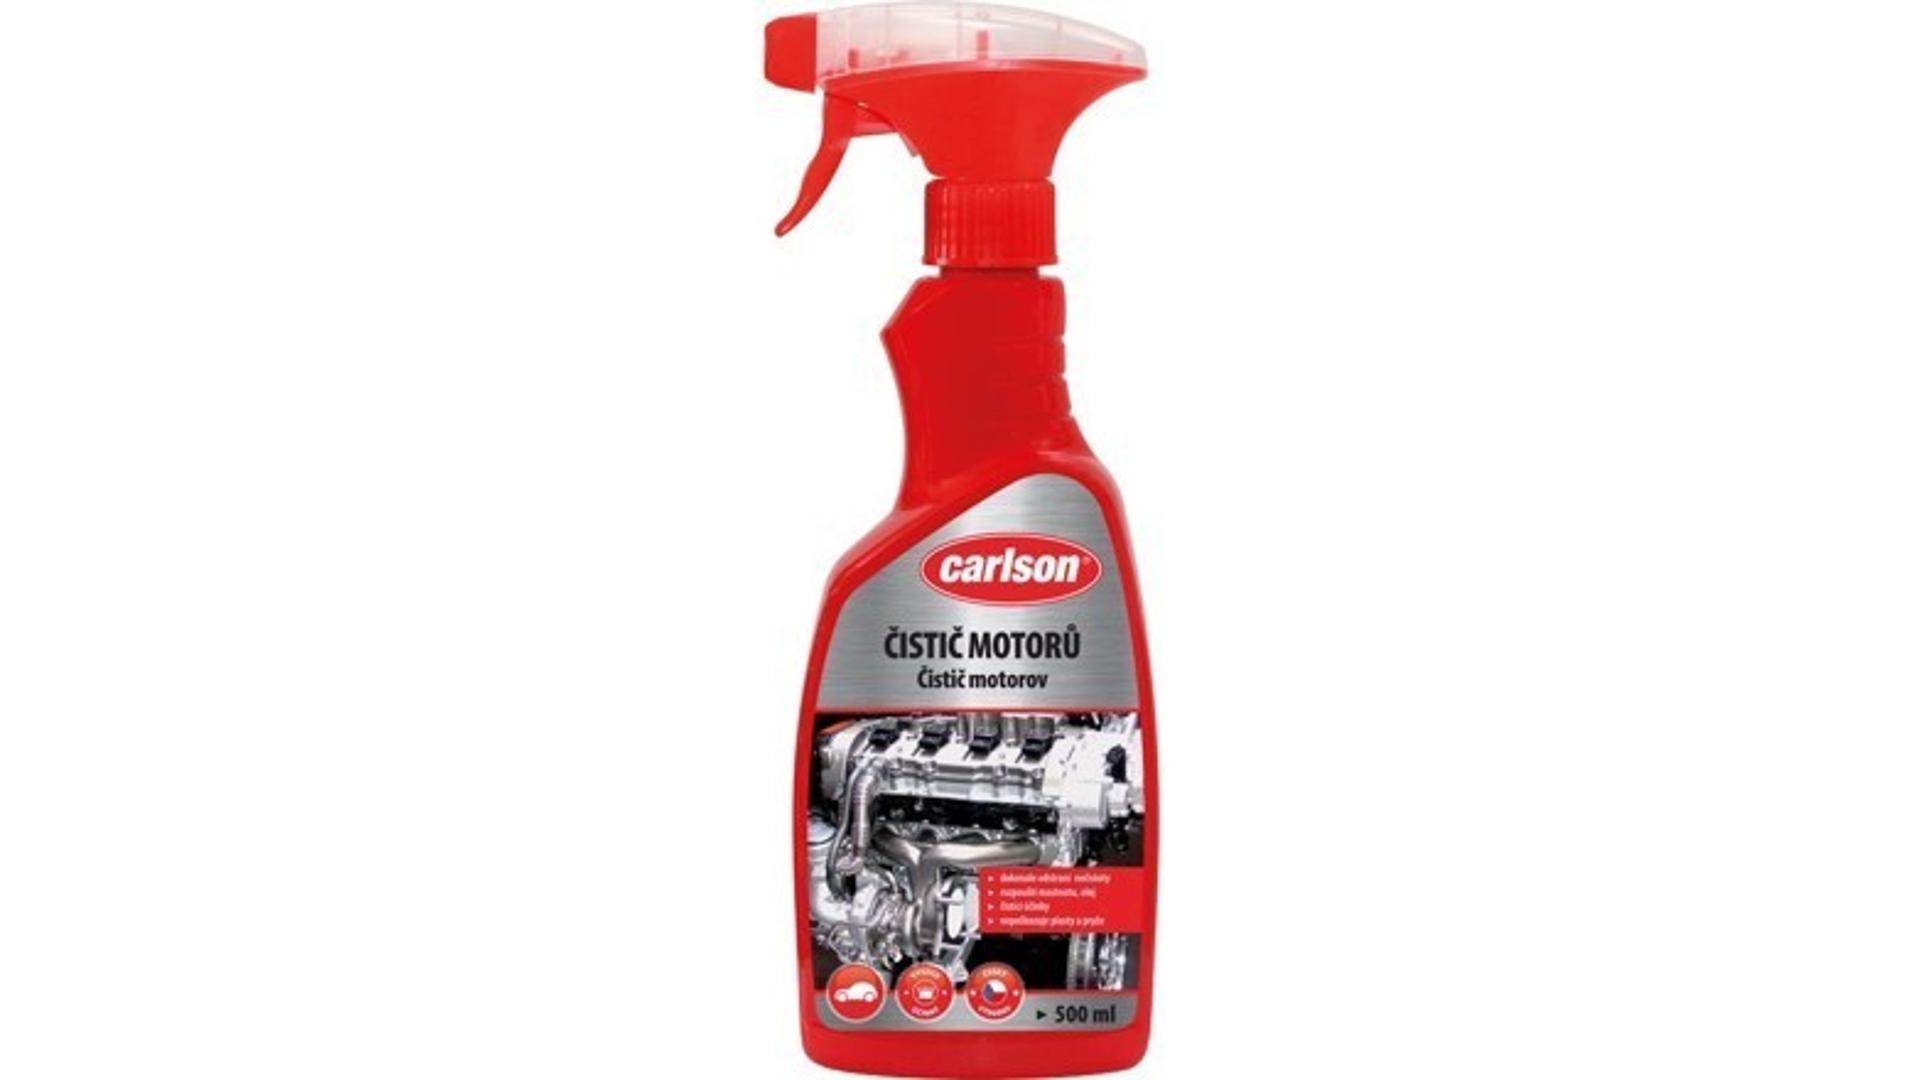 CARLSON čistič motorů 500 ml